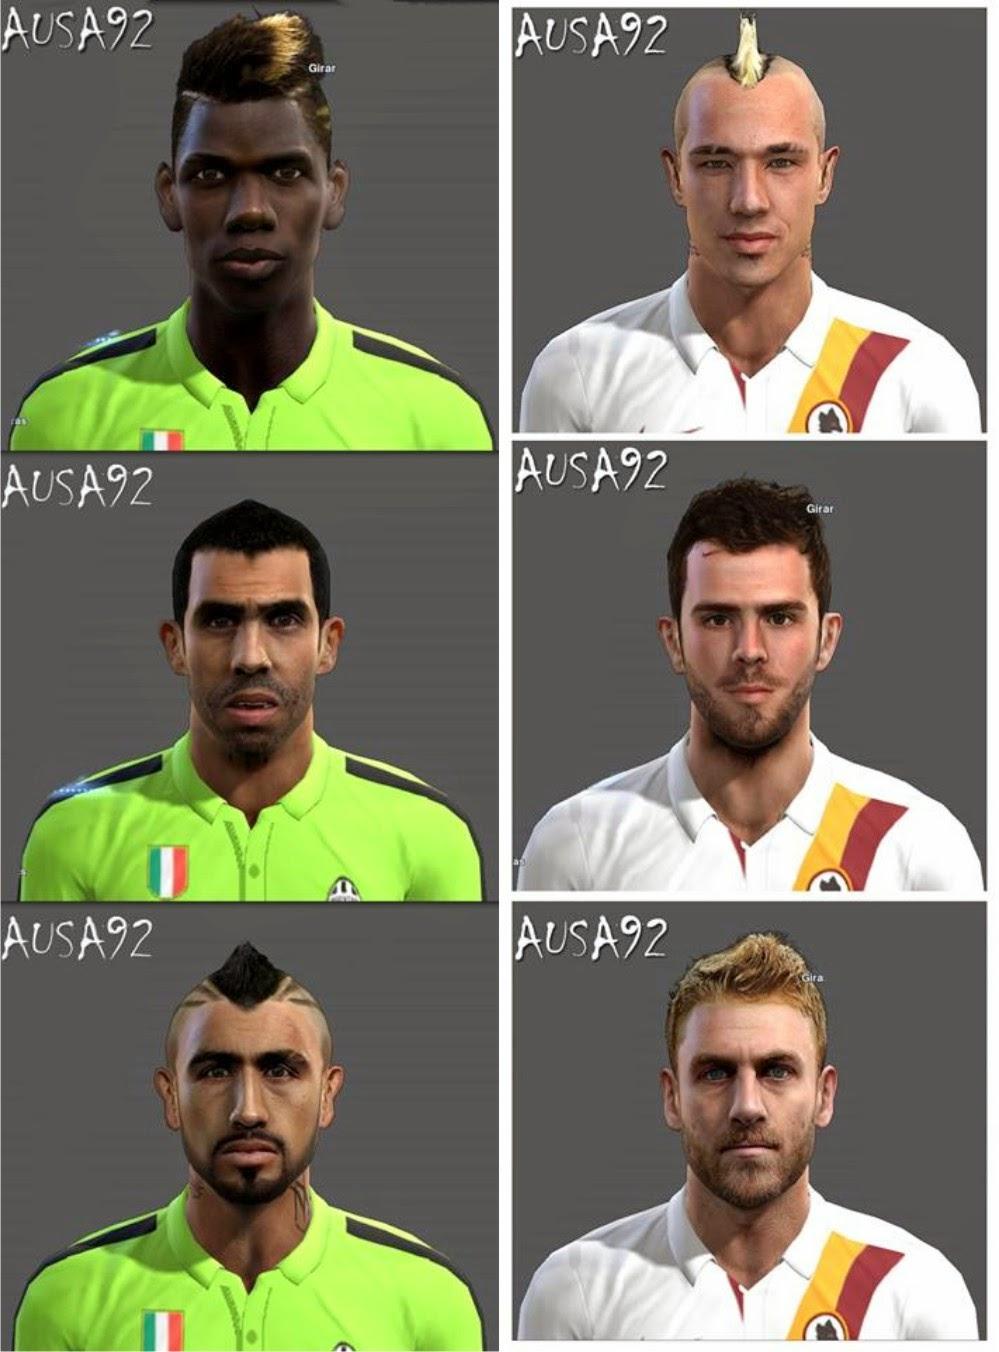 PES 2013 Juventus & AS Roma Facepack By Ausa92